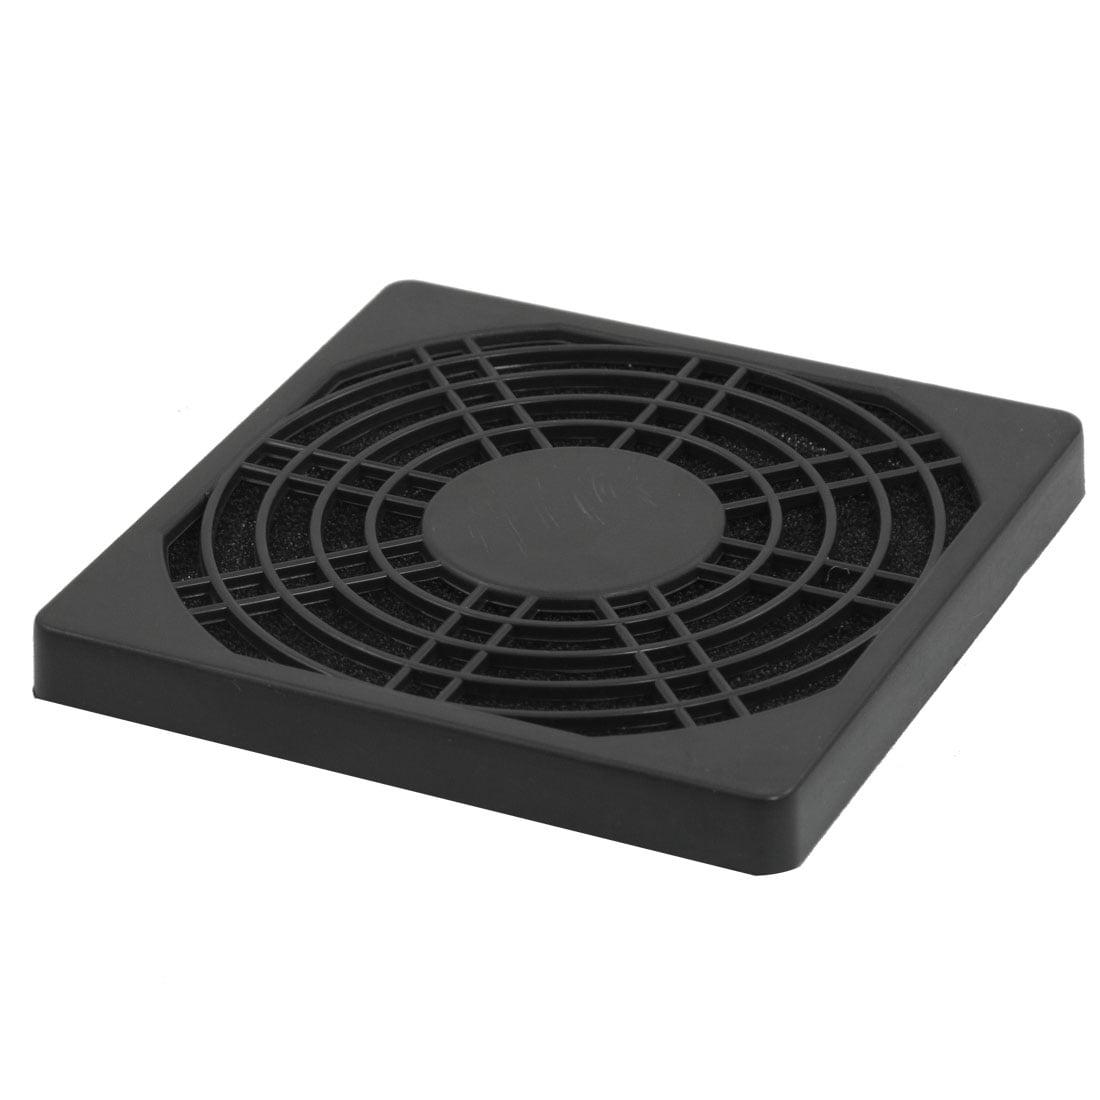 Unique Bargains Computer Laptop Black Plastic Washable 90mm Dust Aid Shield Filter